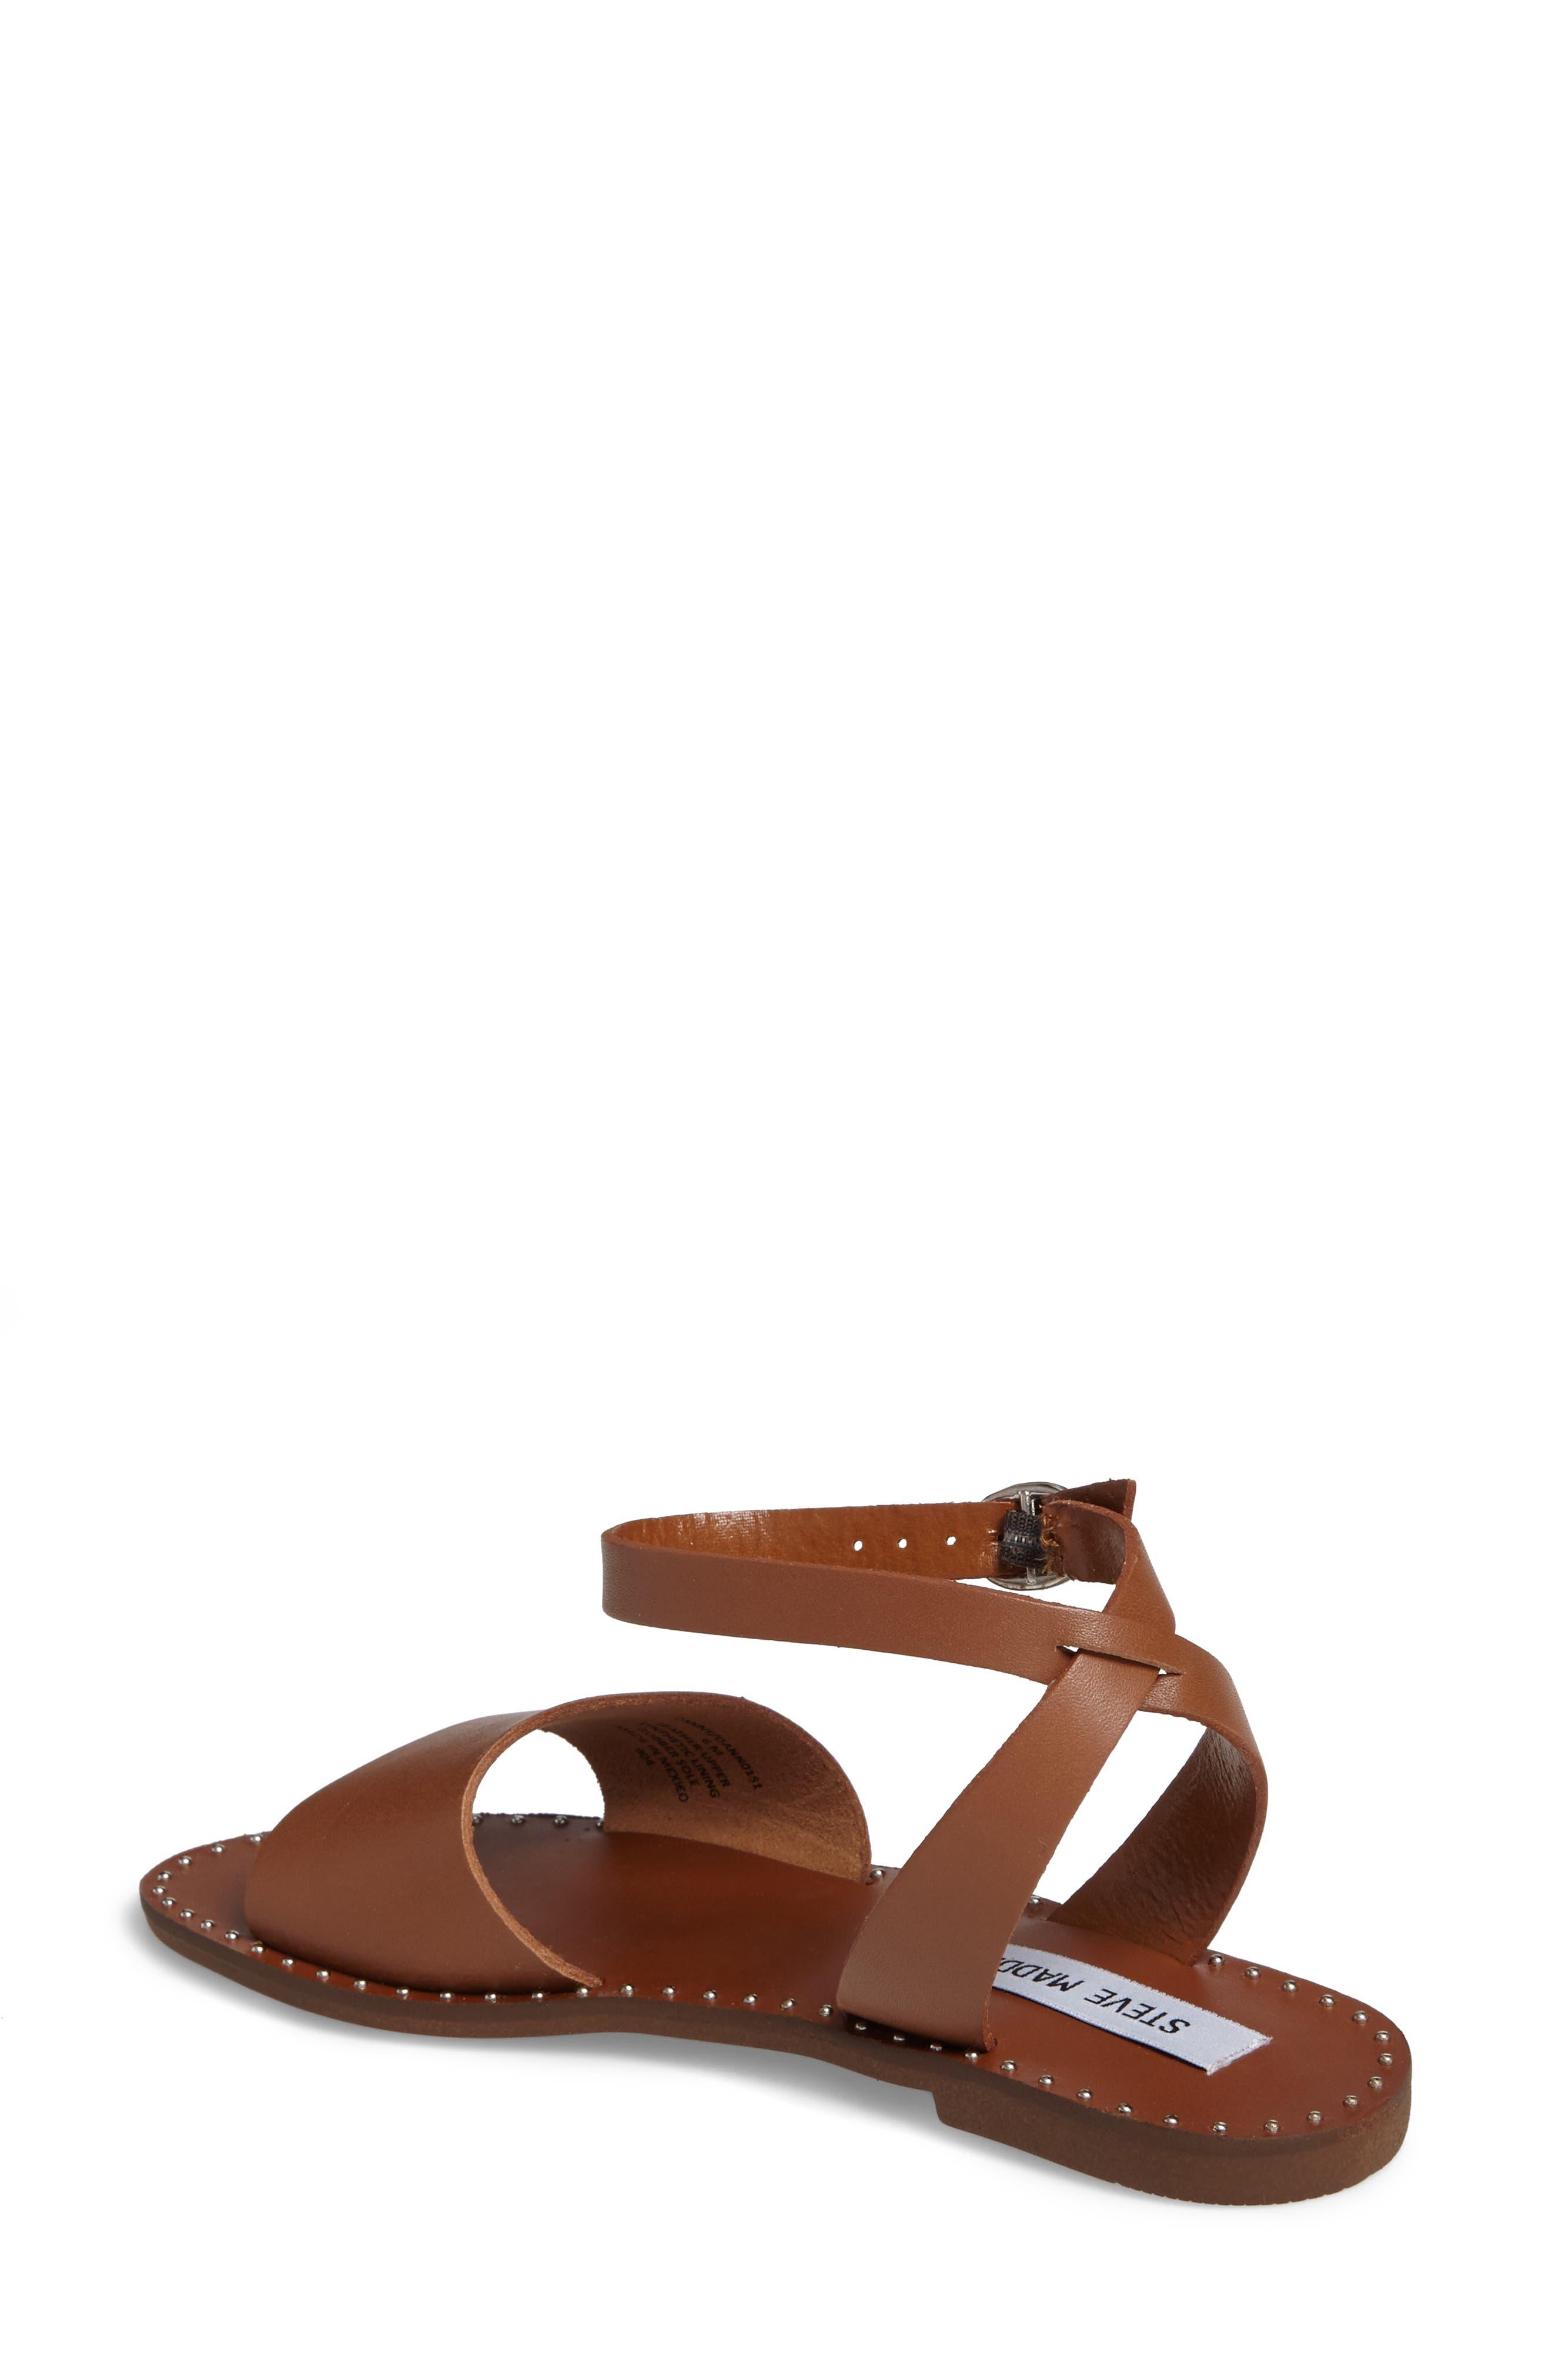 Alternate Image 2  - Steve Madden Danny Ankle Strap Sandal (Women)